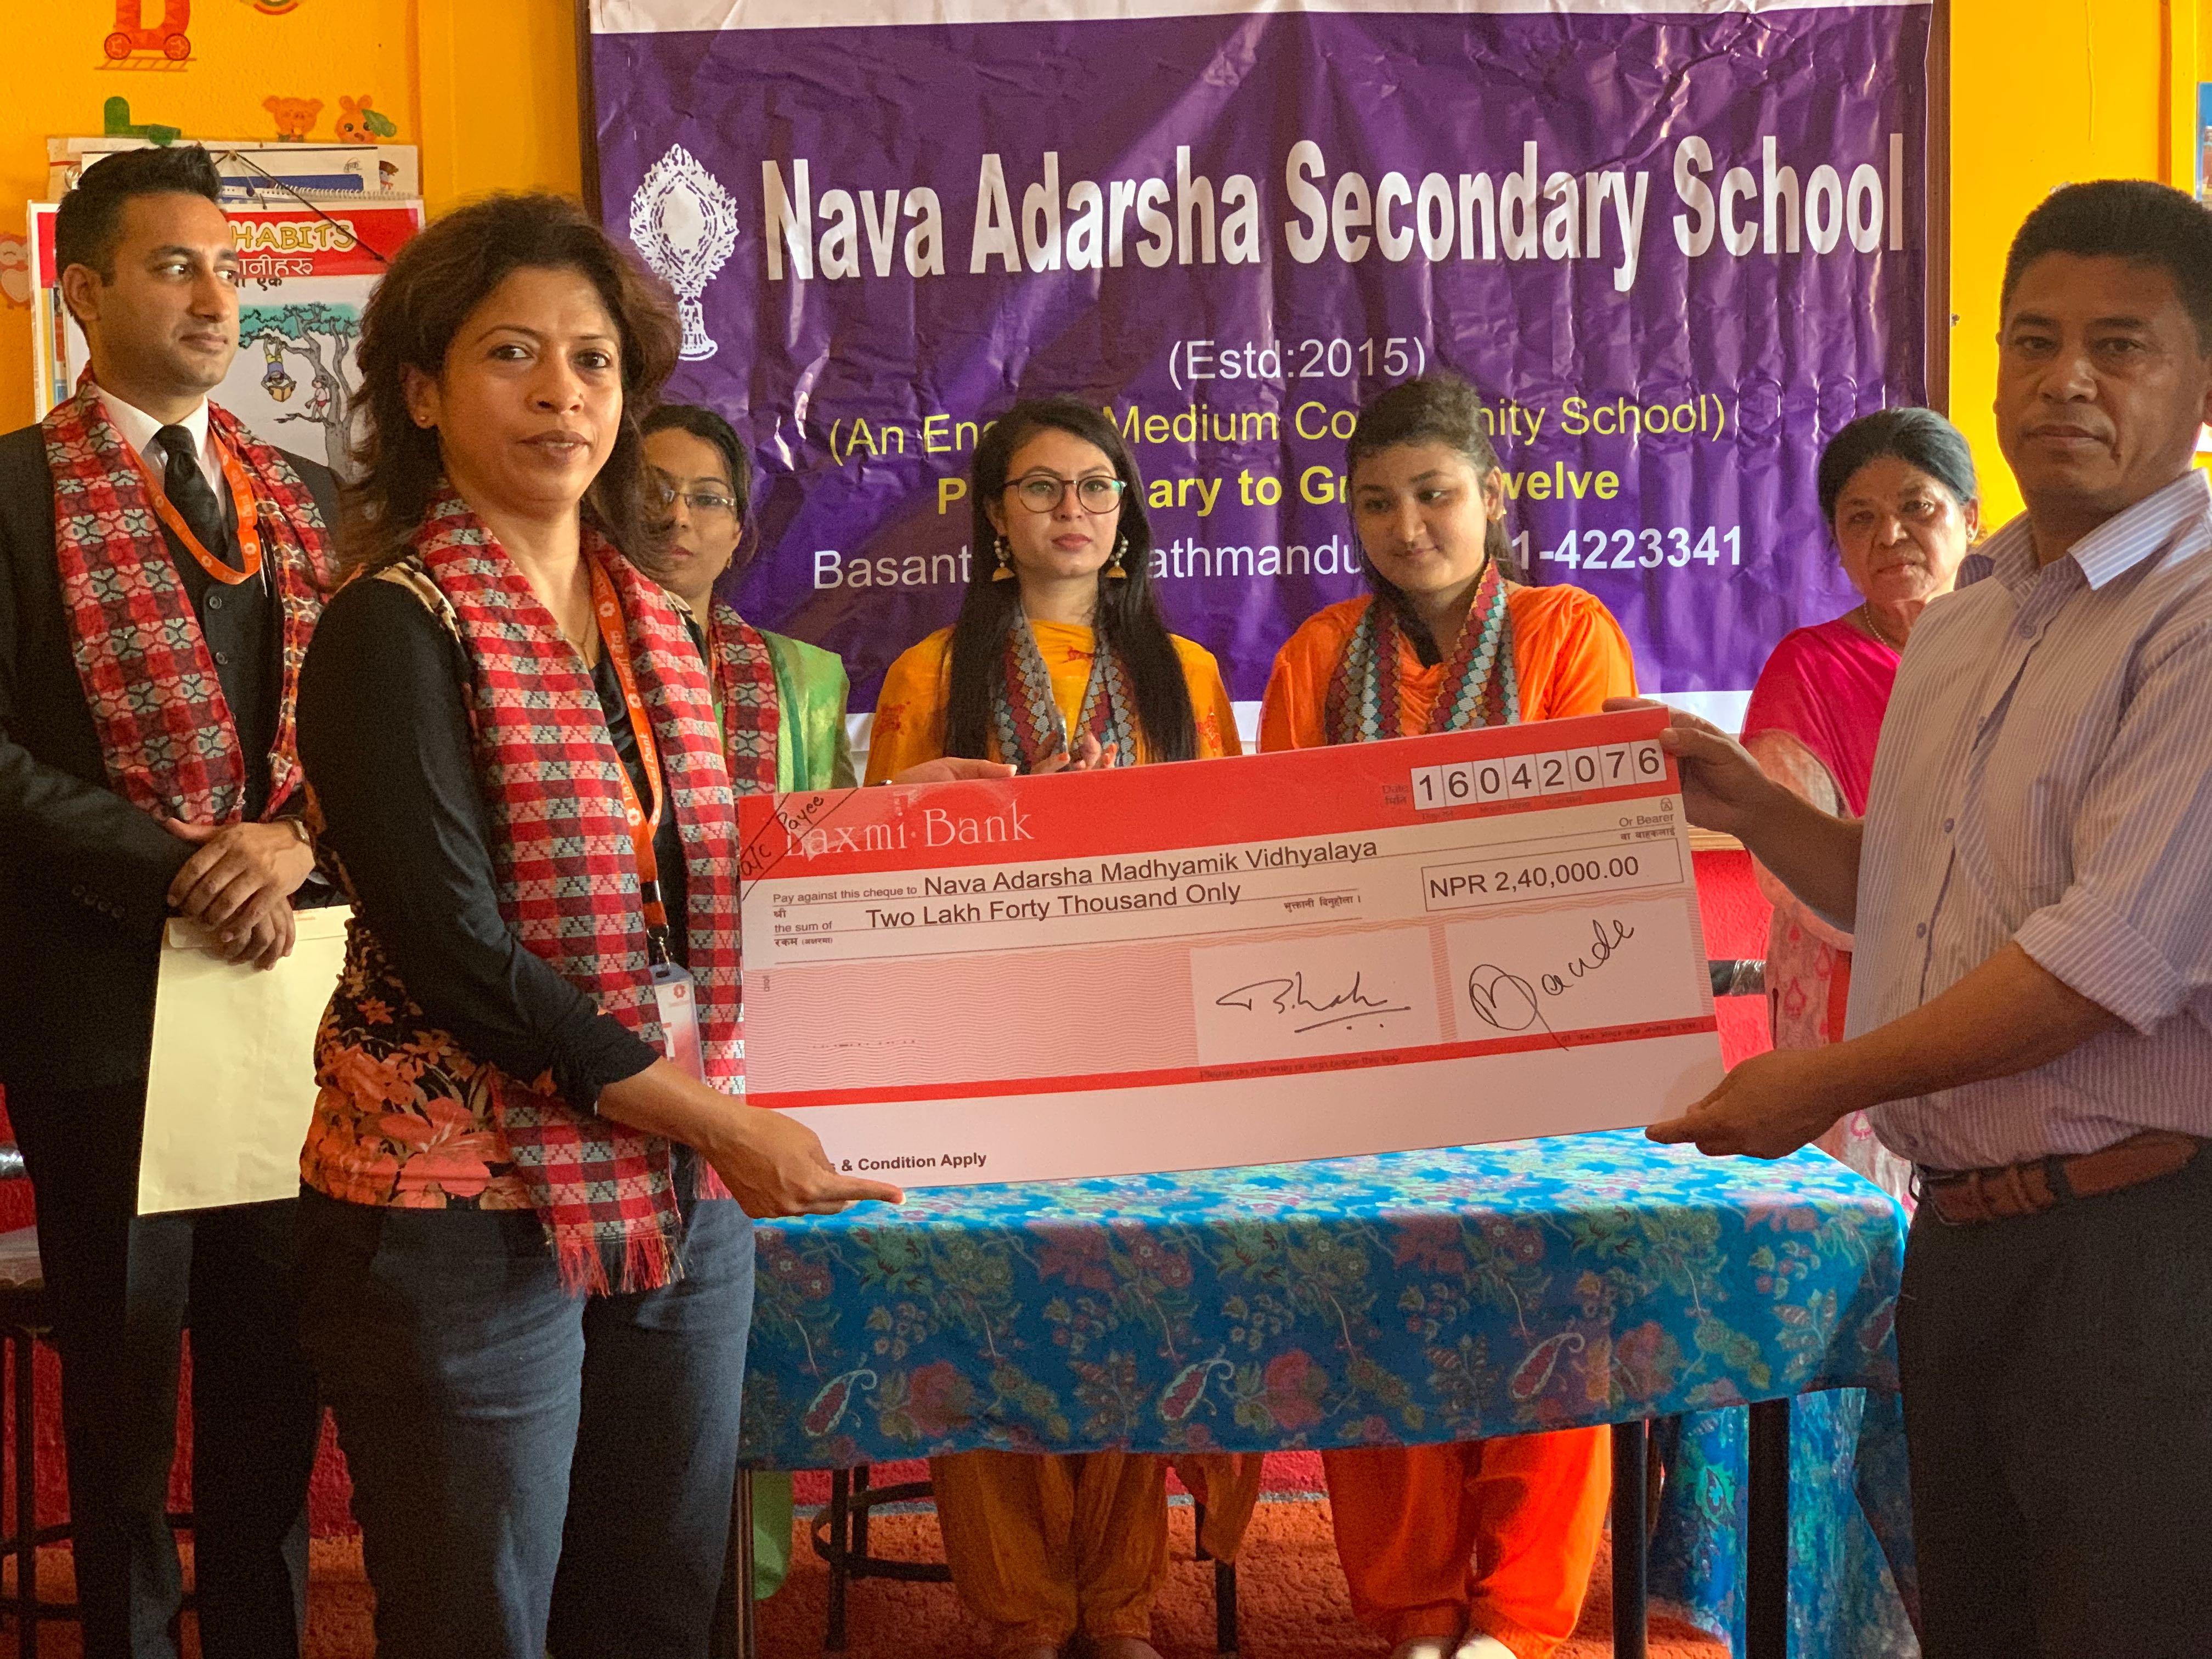 विद्यार्थीको खाजाका लागि लक्ष्मी बैंक र लक्ष्मी केयर्सको सहयोग